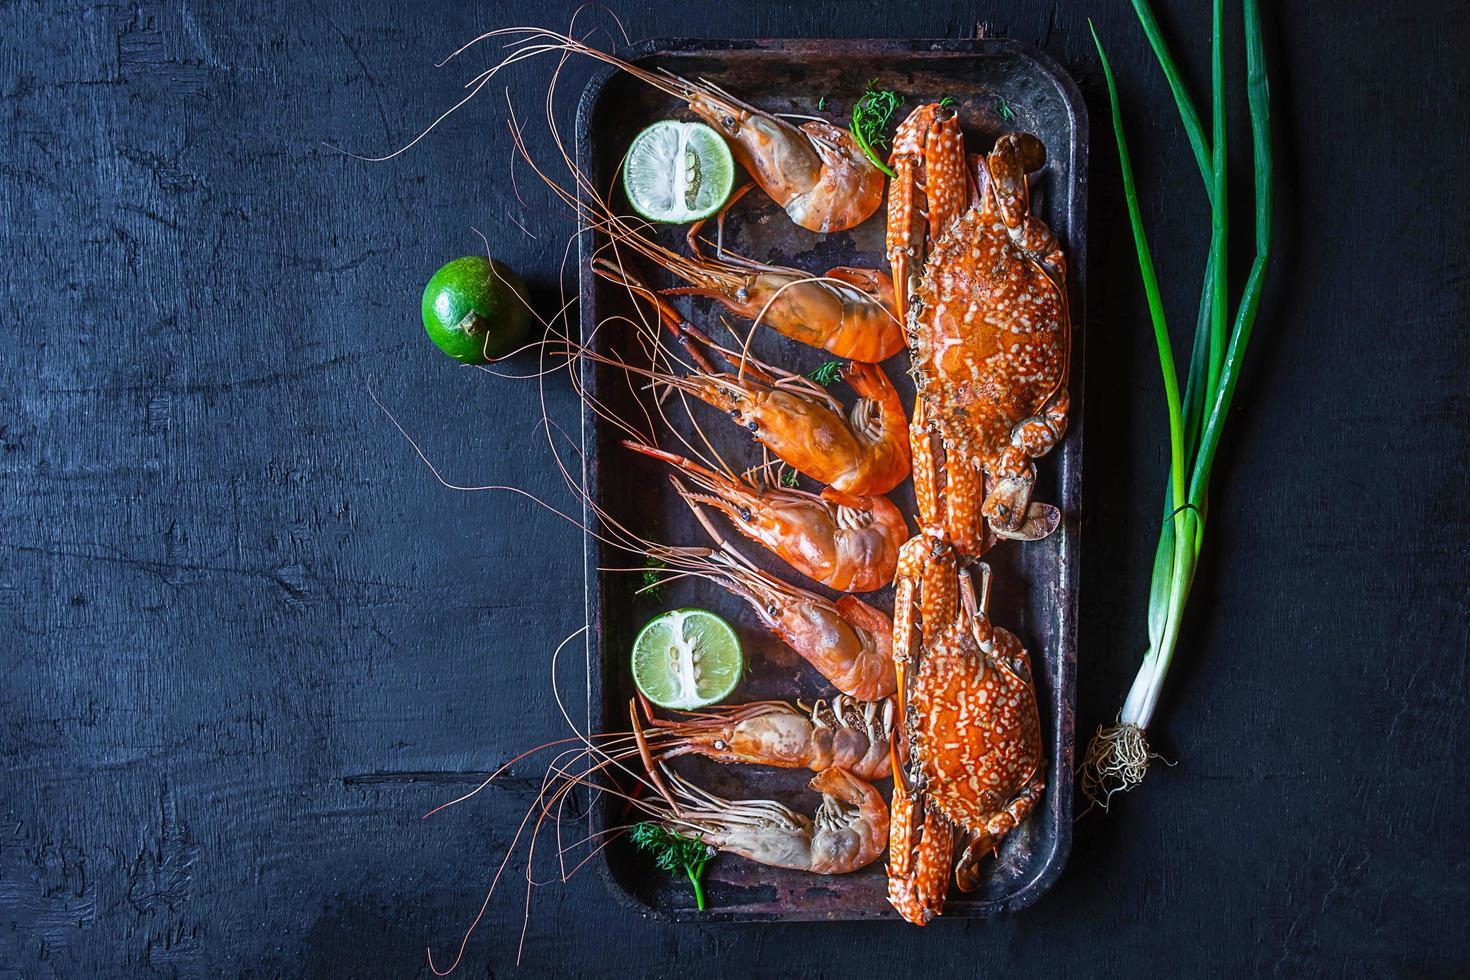 camarones y cangrejo en una bandeja foto